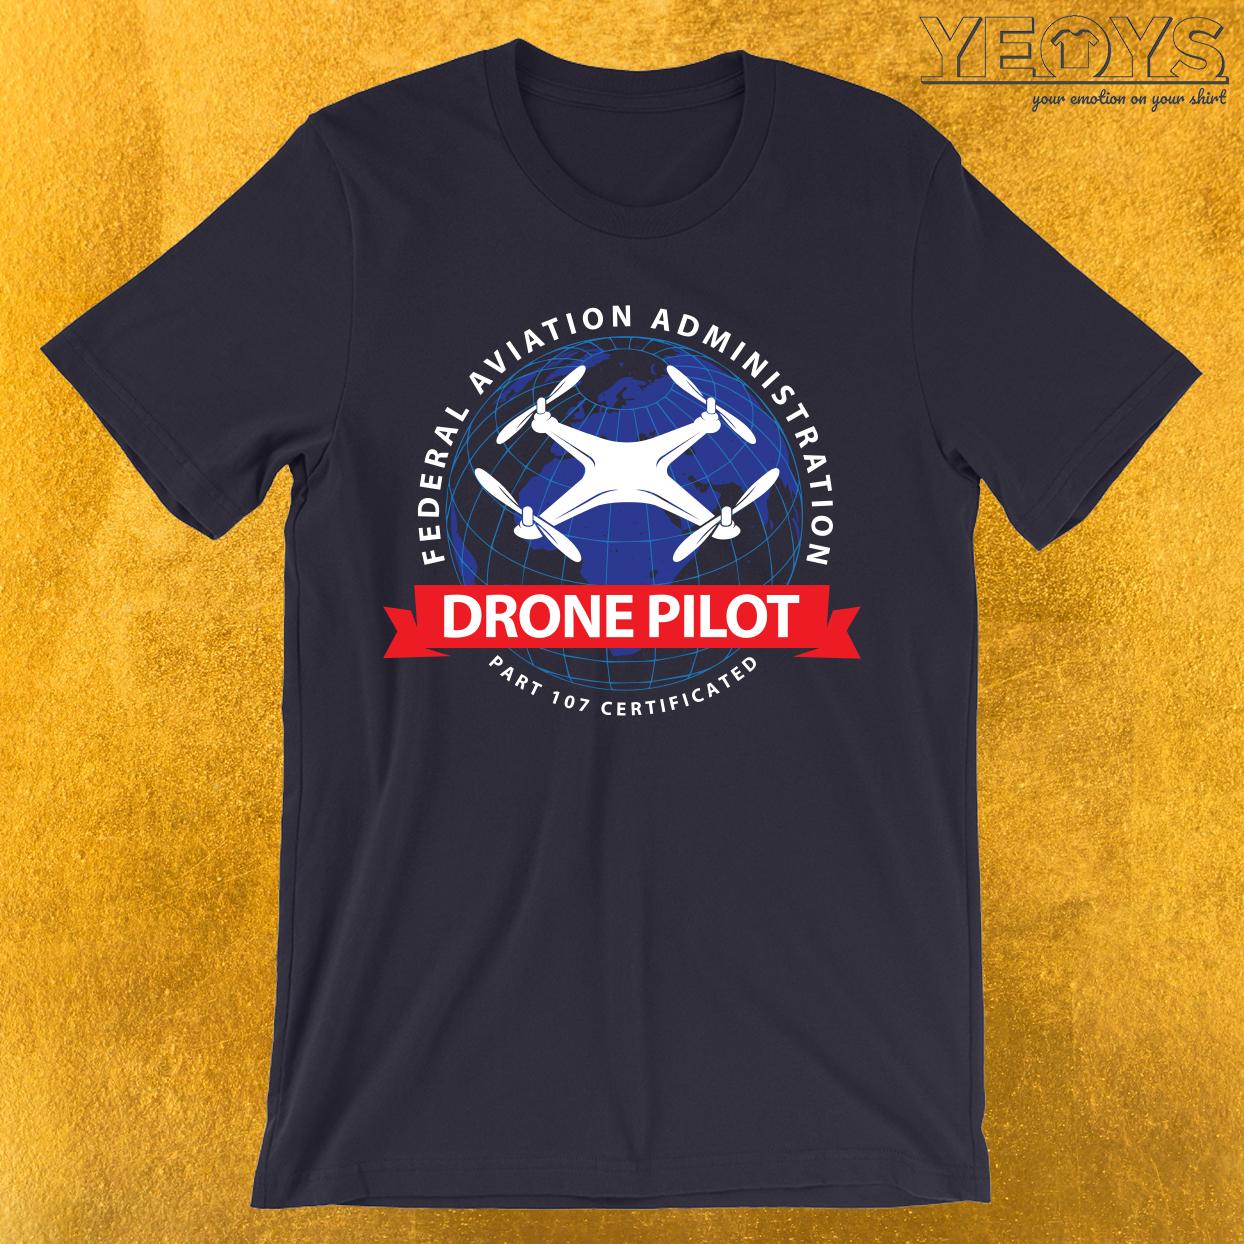 Certified Drone Pilot T-Shirt